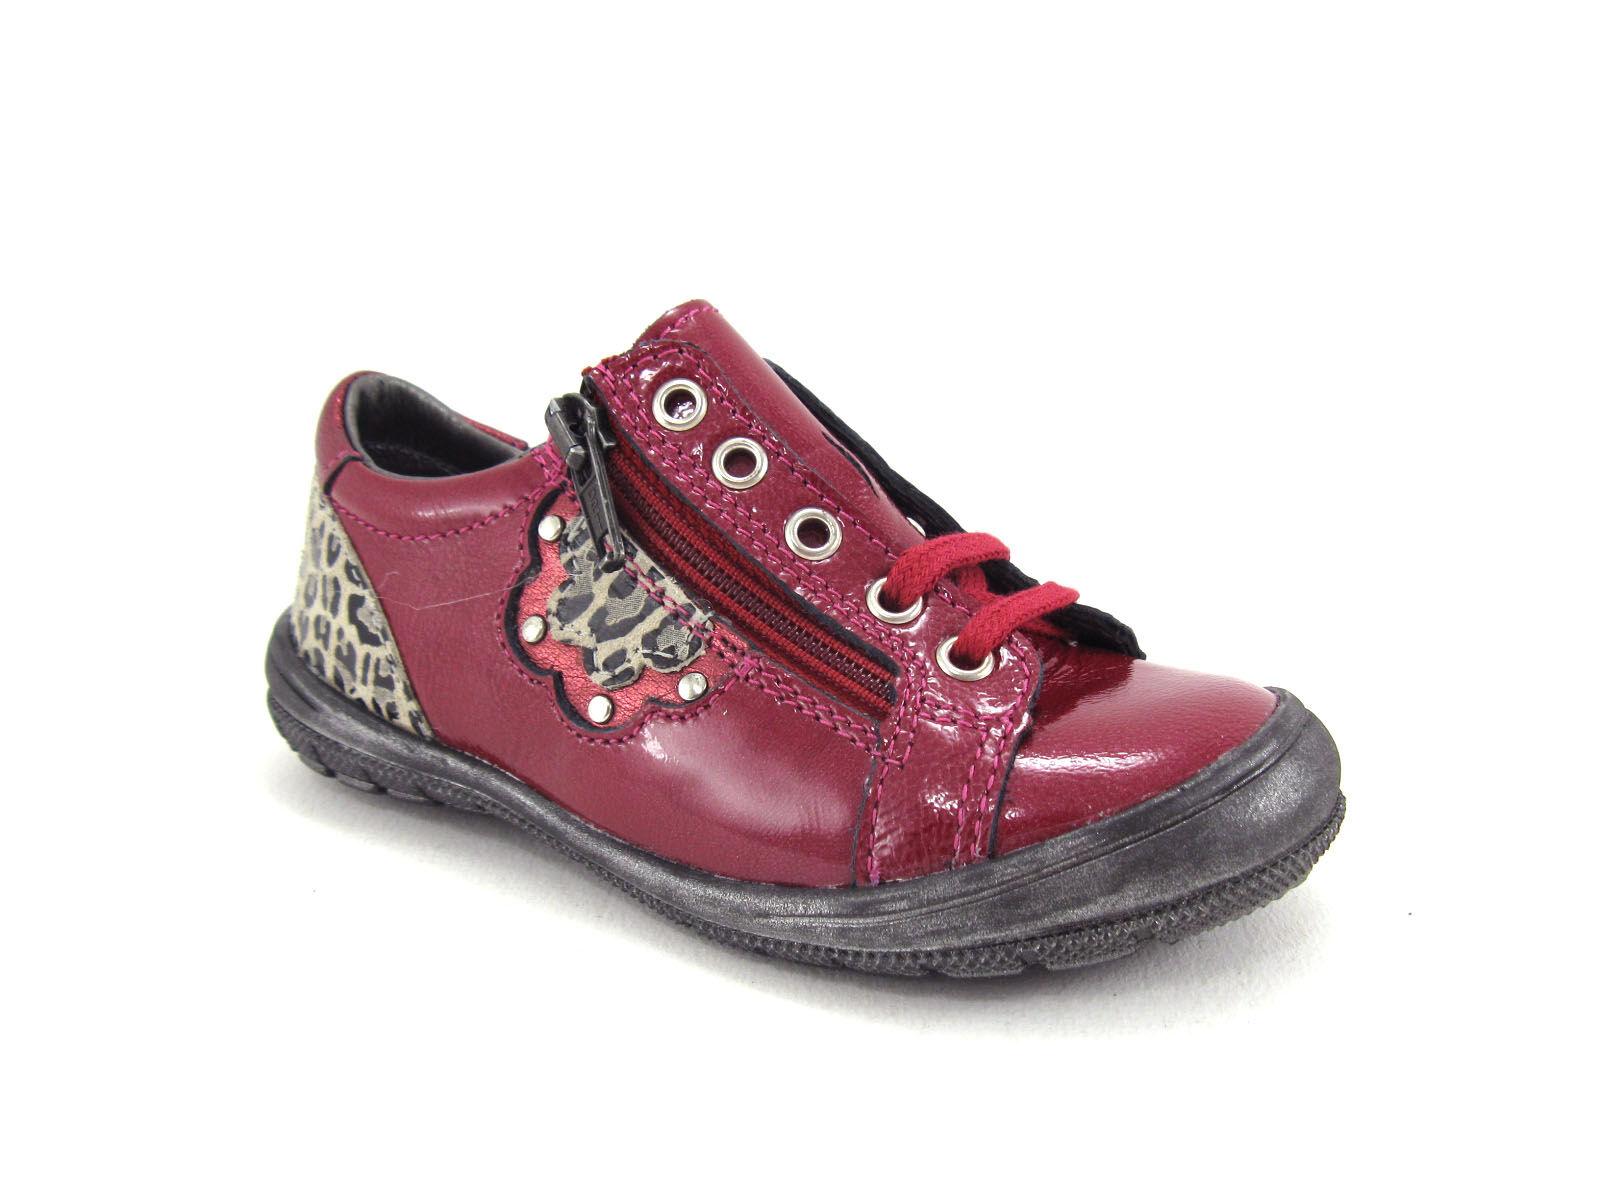 Bopy Chaussure Bébé Bopy - Beige,Bordeaux,Gris,Rose - Point. 24,25,26,27,28,29,30,31,32,33,34